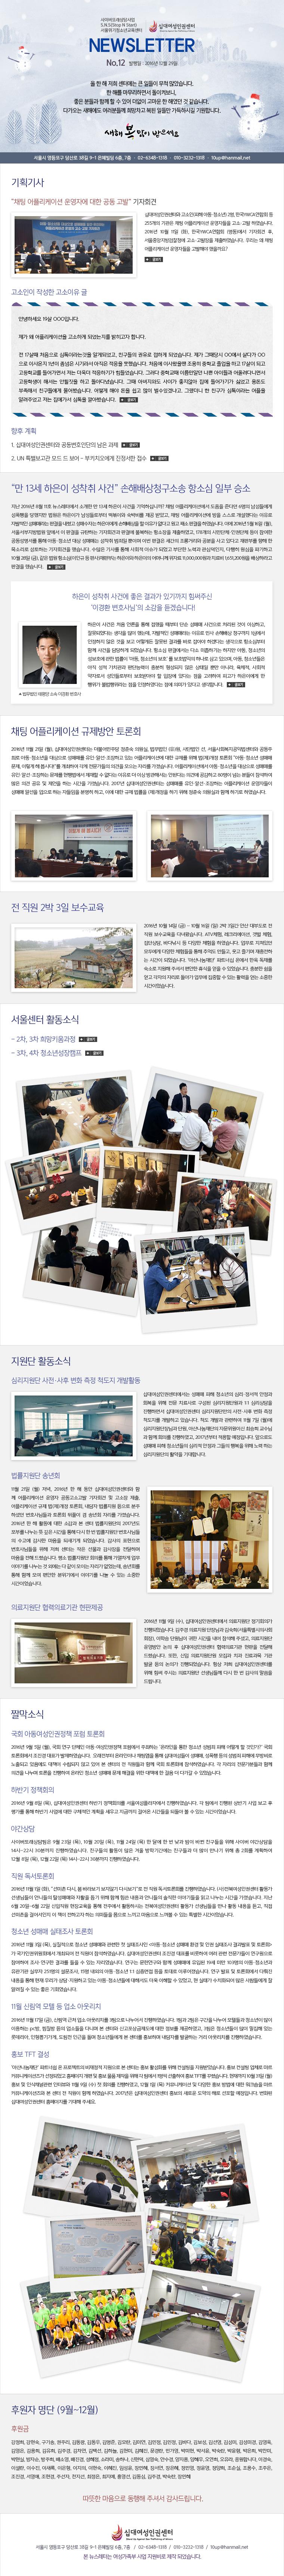 """십대여성인권센터 사이버또래상담사업 S.N.S(Stop N Start)서울위기청소년교육센터 NEWSLETTER No.12 발행일 : 2016년 12월 29일&#13;&#10;&#13;&#10;올 한 해 저희 센터에는 큰 일들이 무척 많았습니다.&#13;&#10;한 해를 마무리하면서 돌이켜보니, &#13;&#10;좋은 분들과 함께 할 수 있어 더없이 고마운 한 해였던 것 같습니다. &#13;&#10;다가오는 새해에도 여러분들께 희망차고 복된 일들만 가득하시길 기원합니다.&#13;&#10;새해 복 많이 받으세요&#13;&#10;&#13;&#10;서울시 영등포구 당산로 38길 9-1 은혜빌딩 6층, 7층 ㆍ 02-6348-1318 ㆍ 010-3232-1318 ㆍ 10up@hanmail.net&#13;&#10;&#13;&#10;기획기사&#13;&#10;""""채팅 어플리케이션 운영자에 대한 공동 고발"""" 기자회견&#13;&#10;십대여성인권센터와 고소인(피해 아동·청소년) 2명, 한국YWCA연합회 등 255개의 기관은 채팅 어플리케이션 운영자들을 고소·고발 하였습니다. 2016년 10월 11일 (화), 한국YWCA연합회 (명동)에서 기자회견 후, 서울중앙지방검찰청에 고소·고발장을 제출하였습니다. 우리는 왜 채팅 어플리케이션 운영자들을 고발해야 했을까요?&#13;&#10;&#13;&#10;고소인이 작성한 고소이유 글&#13;&#10;안녕하세요 19살 OOO입니다.&#13;&#10;&#13;&#10;제가 왜 어플리케이션을 고소하게 되었는지를 밝히고자 합니다.&#13;&#10;&#13;&#10;전 17살때 처음으로 심톡이라는것을 알게되었고, 친구들의 권유로 접하게 되었습니다. 제가 그때당시 OO에서 살다가 OO으로 이사온지 1년이 좀넘은 시기라서 아직은 적응을 못했습니다. 처음에 이사왔을땐 조용히 중학교 졸업을 하고 17살이 되고 고등학교를 들어가면서 저는 더욱더 적응하기가 힘들었습니다. 그러다 중학교때 이름만알던 나쁜 아이들과 어울려다니면서 고등학생이 해서는 안될짓을 하고 돌아다녔습니다. 그때 아버지와도 사이가 좋지않아 집에 들어가기가 싫었고 용돈도 부족해서 친구들에게 물어봤습니다. 어떻게 해야 돈을 쉽고 많이 벌수있겠냐고. 그랬더니 한 친구가 심톡이라는 어플을 알려주었고 저는 집에가서 심톡을 깔아봤습니다. &#13;&#10;&#13;&#10;향후 계획&#13;&#10;1. 십대여성인권센터와 공동변호인단의 남은 과제&#13;&#10;2. UN 특별보고관 모드 드 보어 - 부키치오에게 진정서한 접수&#13;&#10;""""만 13세 하은이 성착취 사건"""" 손해배상청구소송 항소심 일부 승소&#13;&#10;지난 2016년 8월 11호 뉴스레터에서 소개한 만 13세 하은이 사건을 기억하십니까? 채팅 어플리케이션에서 도움을 준다던 6명의 남성들에게 성폭행을 당했지만 법원은 하은이가 남성들로부터 떡볶이와 숙박비를 제공 받았고, 채팅 어플리케이션에 방을 스스로 개설했다는 이유로 자발적인 성매매라는 판결을 내렸고 성매수자는 하은이에게 손해배상을 할 이유가 없다고 원고 패소 판결을 하였습니다. 이에 2016년 5월 16일 (월), 서울서부지방법원 앞에서 이 판결을 규탄하는 기자회견과 판결에 불복하는 항소장을 제출하였고, 178개의 시민단체·인권단체 등이 참여한 공동성명서를 통해 아동·청소년 대상 성매매는 성착취 범죄일 뿐이며 이번 판결은 세간의 조롱거리와 공분을 사고 있다고 재판부를 향해 한 목소리로 성토하는 기자회견을 했습니다. 수많은 기사를 통해 사회적 이슈가 되었고 부단한 노력과 관심덕인지, 다행히 원심을 파기하고 10월 28일 (금), 같은 법원 항소심(이인규 등 판사)재판부는 하은이와 하은이의 어머니께 위자료 11,000,000원과 치료비 1,651,200원을 배상하라고 판결을 했습니다. &#13;&#10;&#13;&#10;하은이 성착취 사건에 좋은 결과가 있기까지 힘써주신 &#13;&#10;'이경환 변호사님'의 소감을 듣겠습니다!&#13;&#10;하은이 사건은 처음 언론을 통해 접했을 때부터 단순 성매매 사건으로 처리된 것이 이상하고, 잘못되었"""